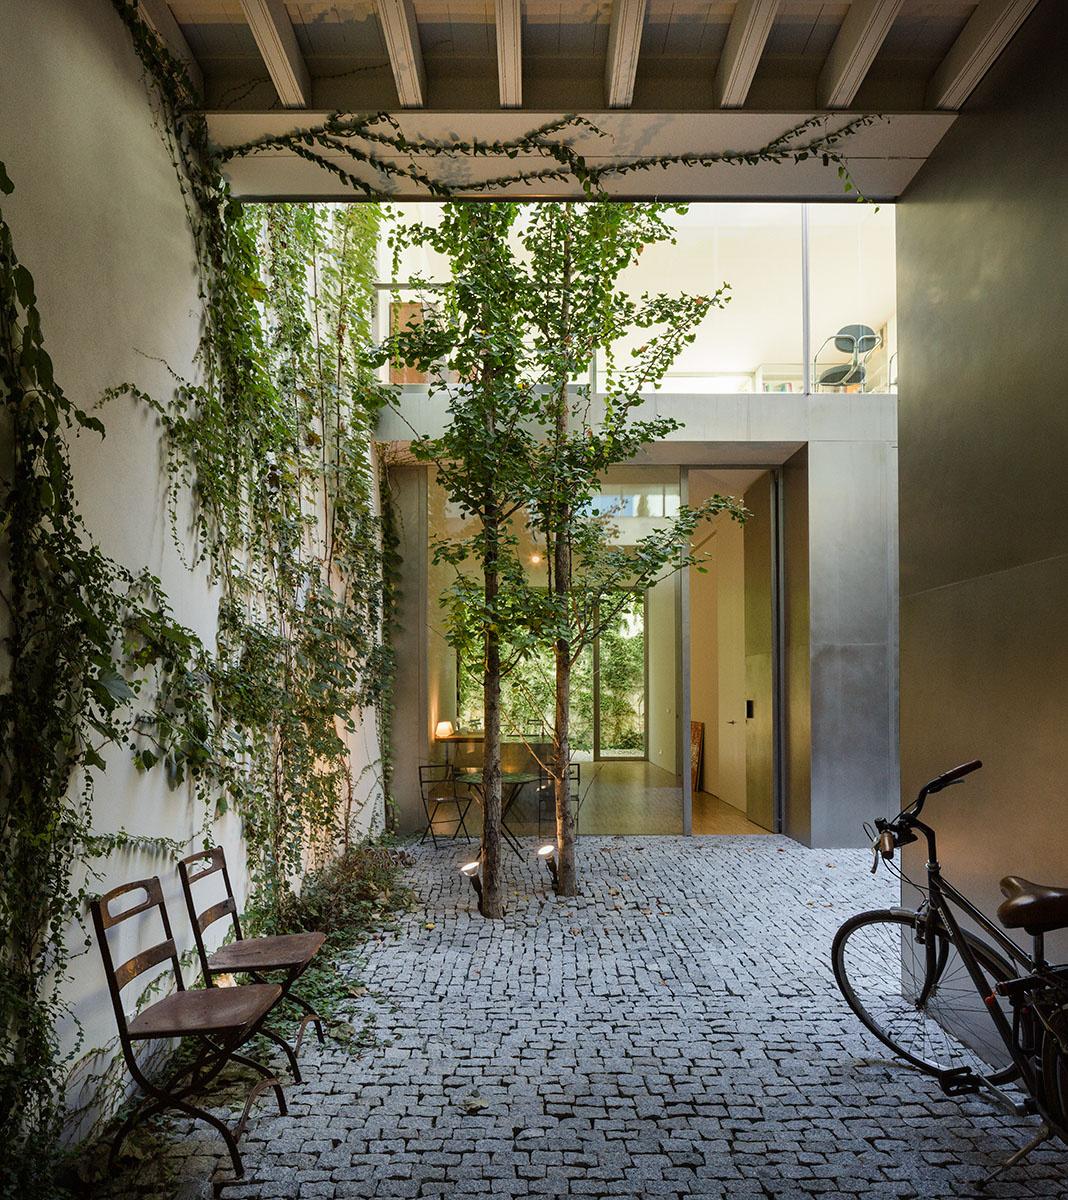 Rehabilitaci n de una vivienda en el casco hist rico de for Cafe el jardin centro historico